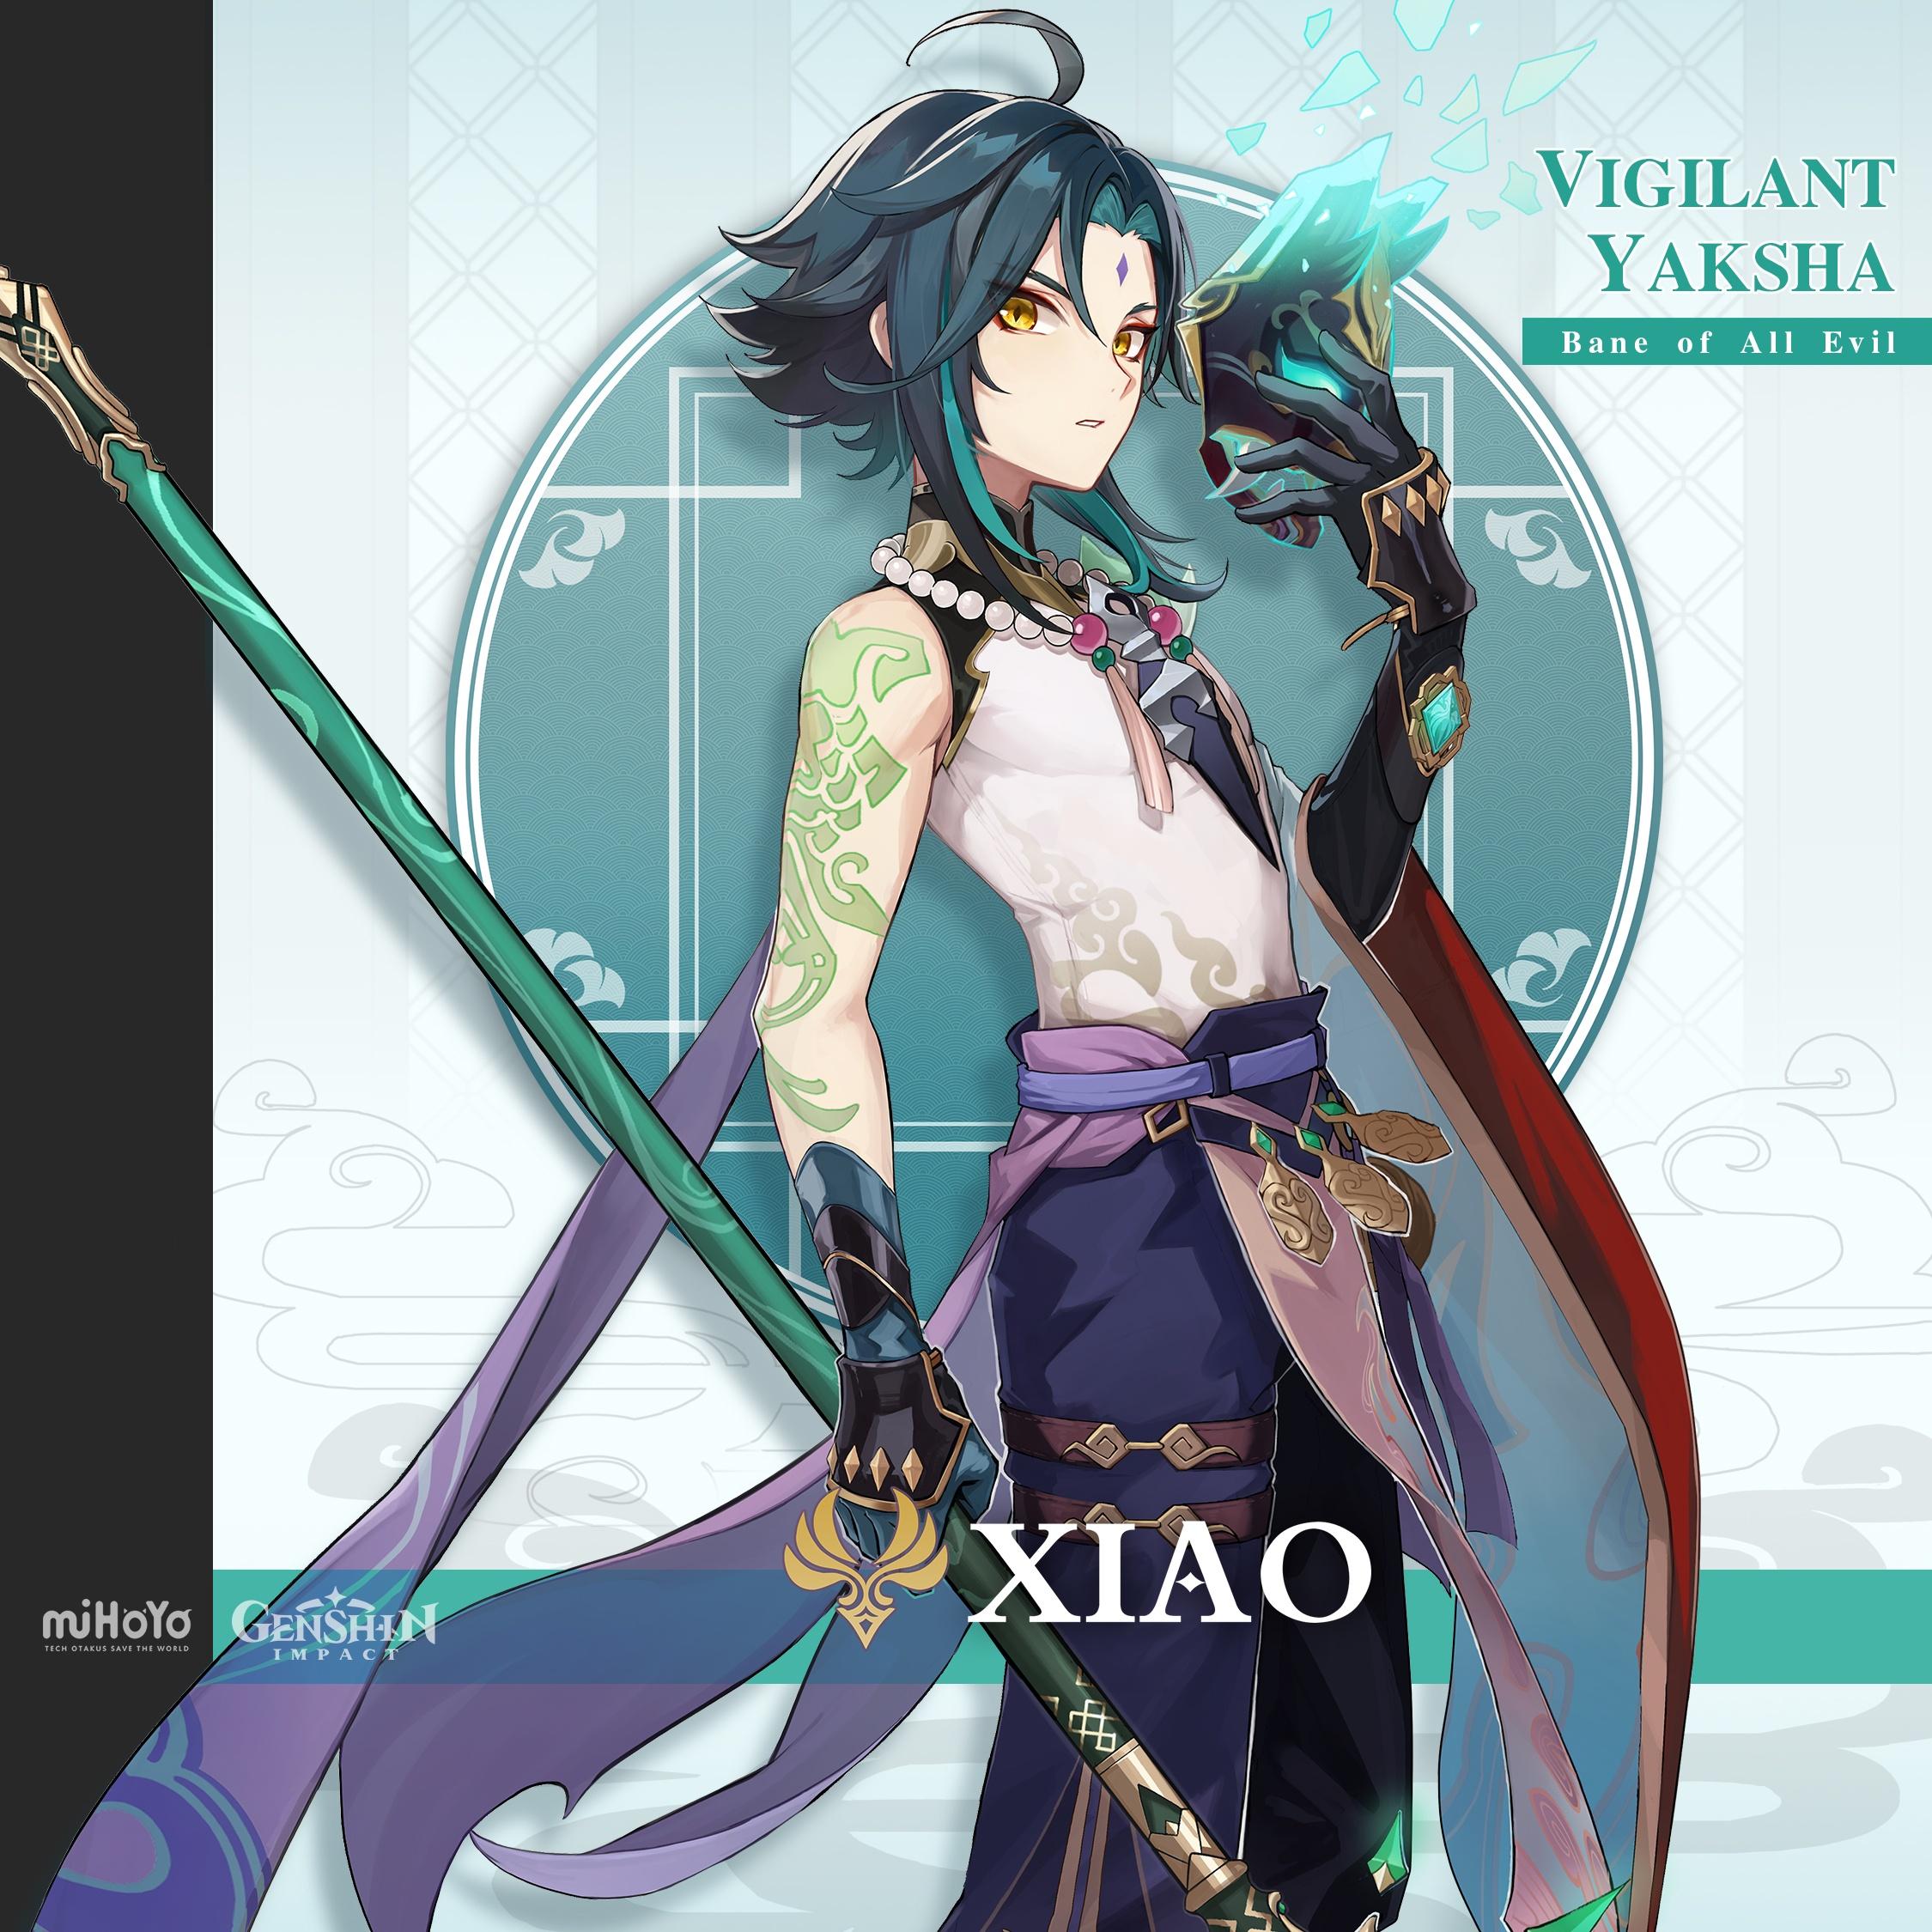 Actualización 1.3 para Genshin Impact – Vista Previa a Xiao, Vigilante Yaksha